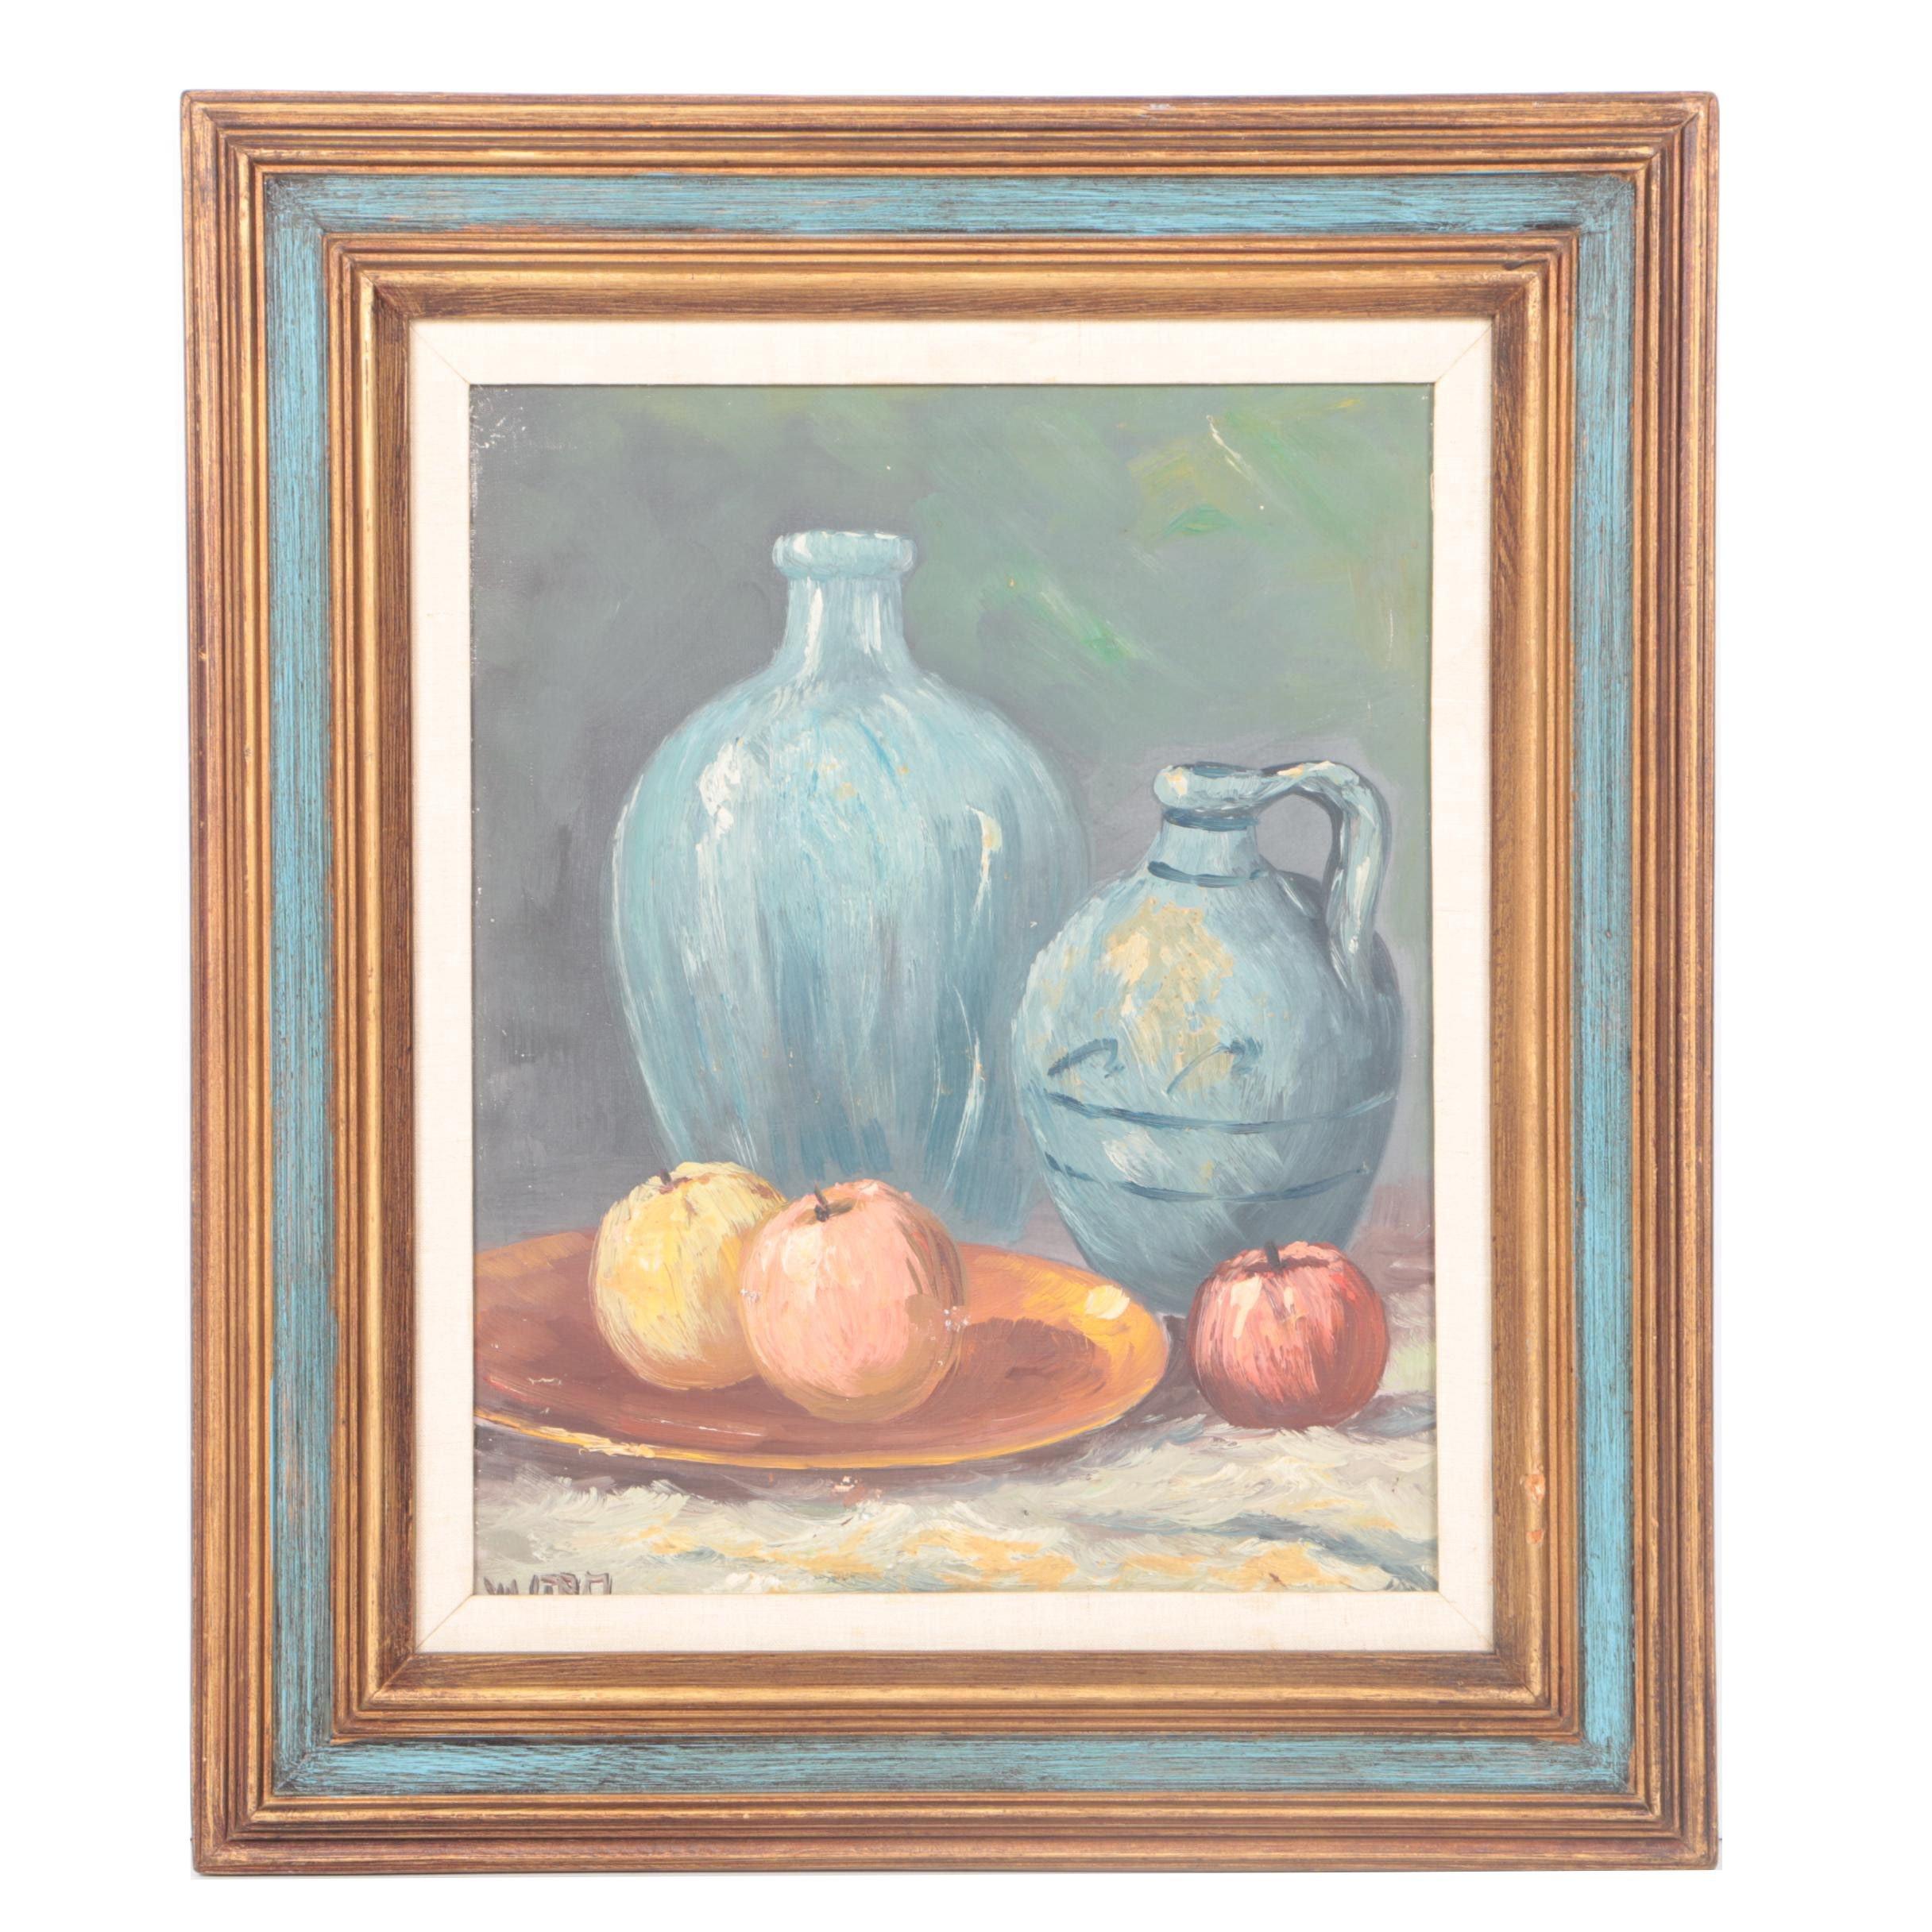 Willem Stam Oil on Canvas Still Life